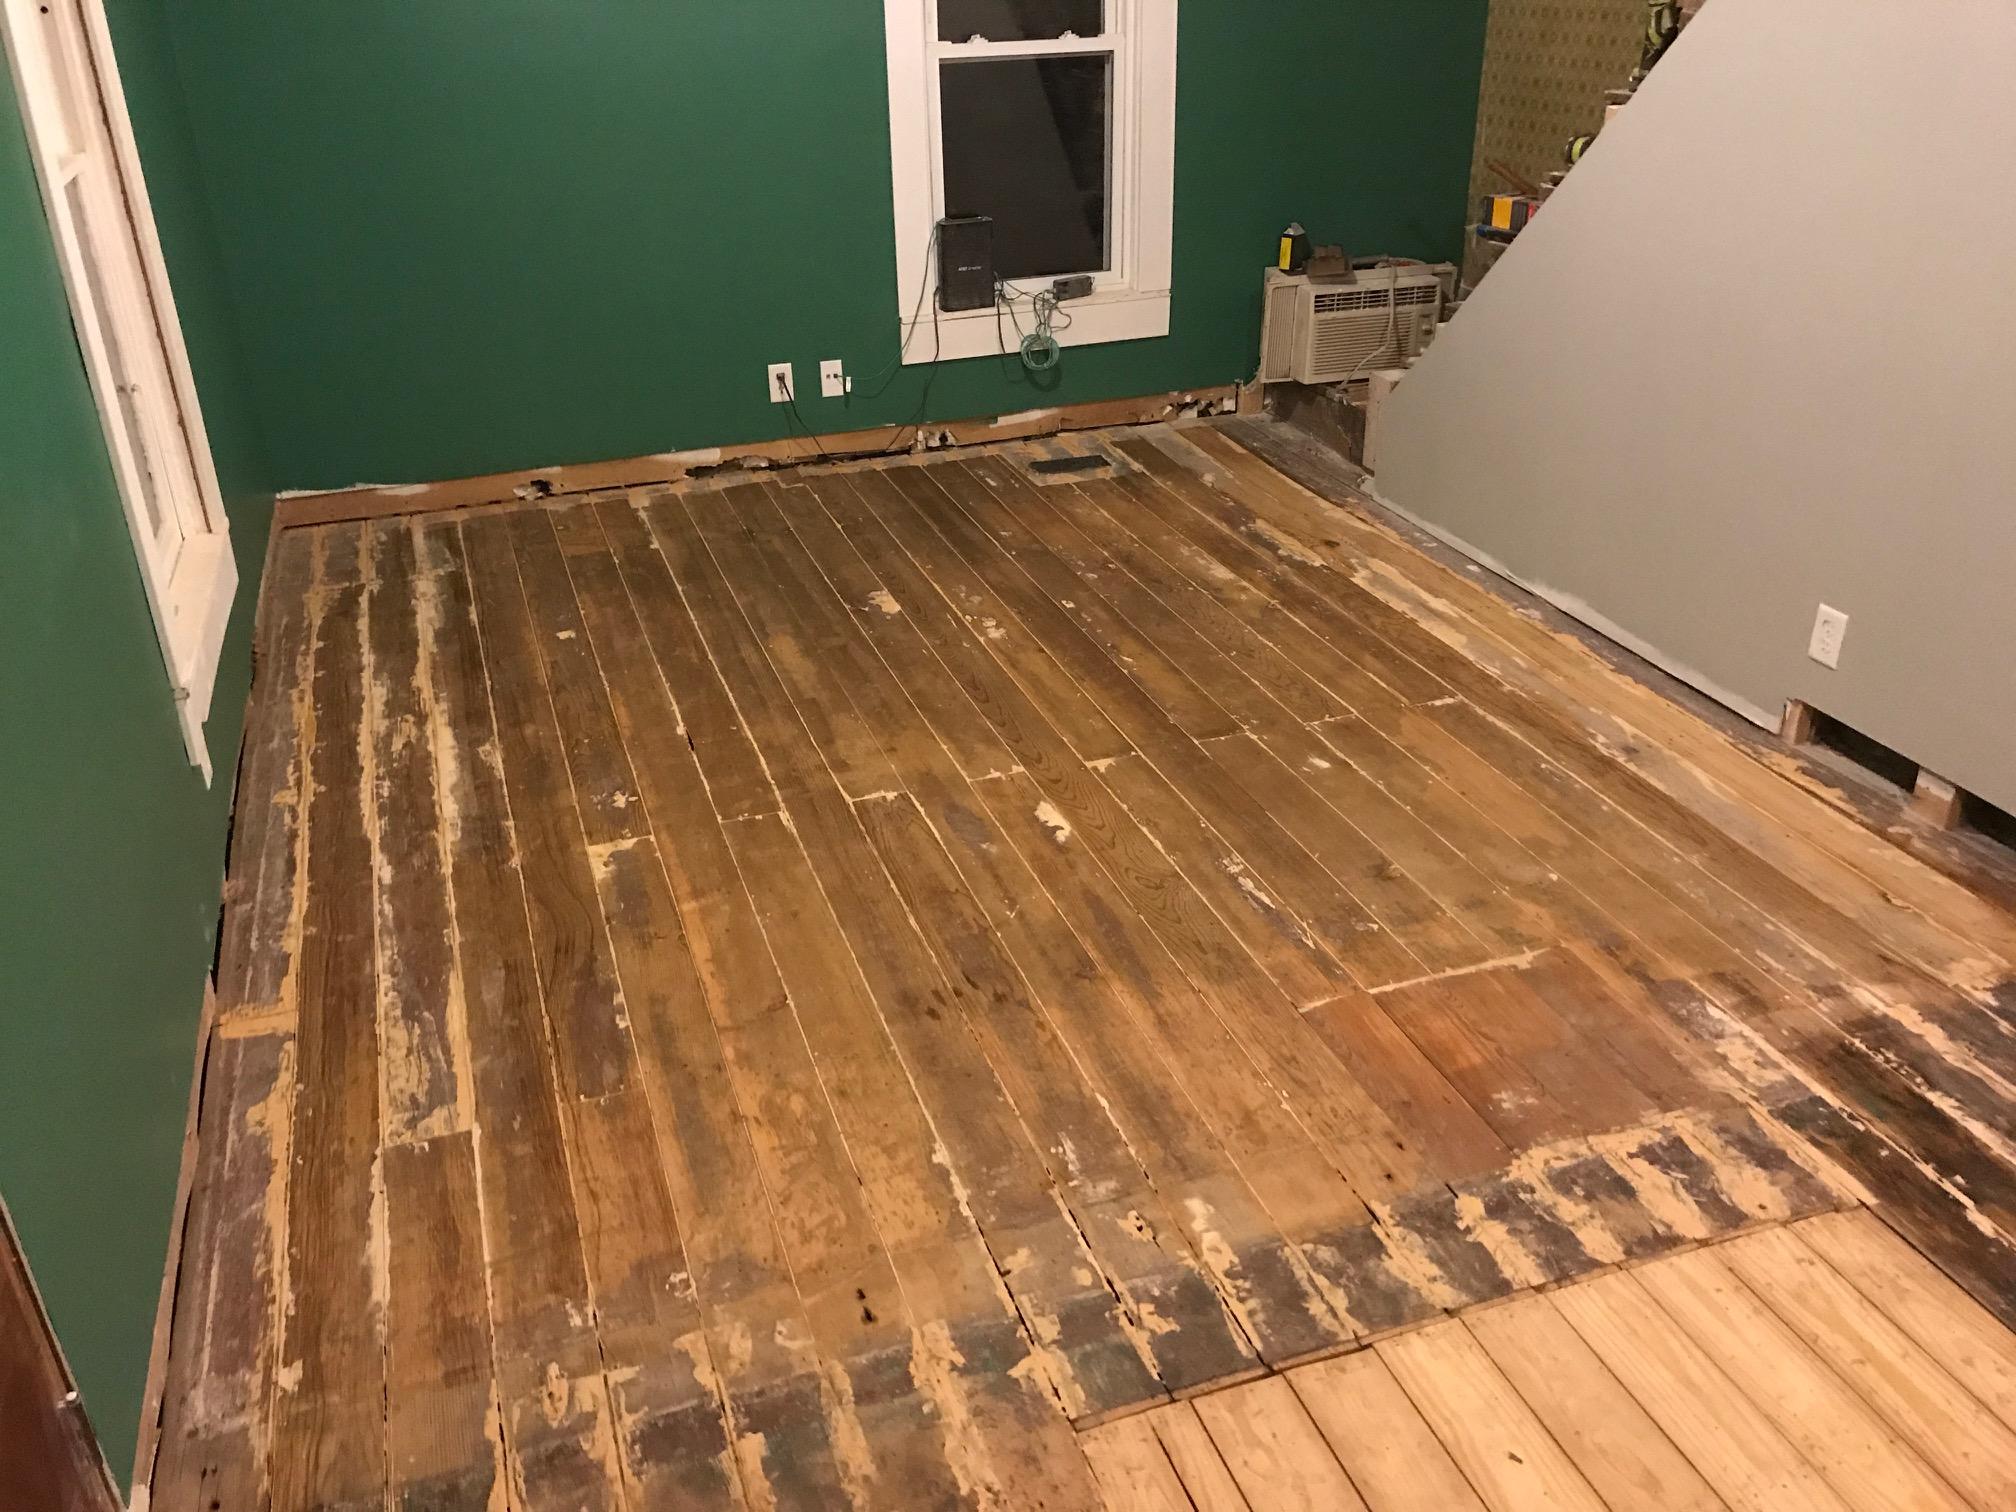 Antique Douglas Fir Floorboards Hardwood Floor Restoration Refinishing